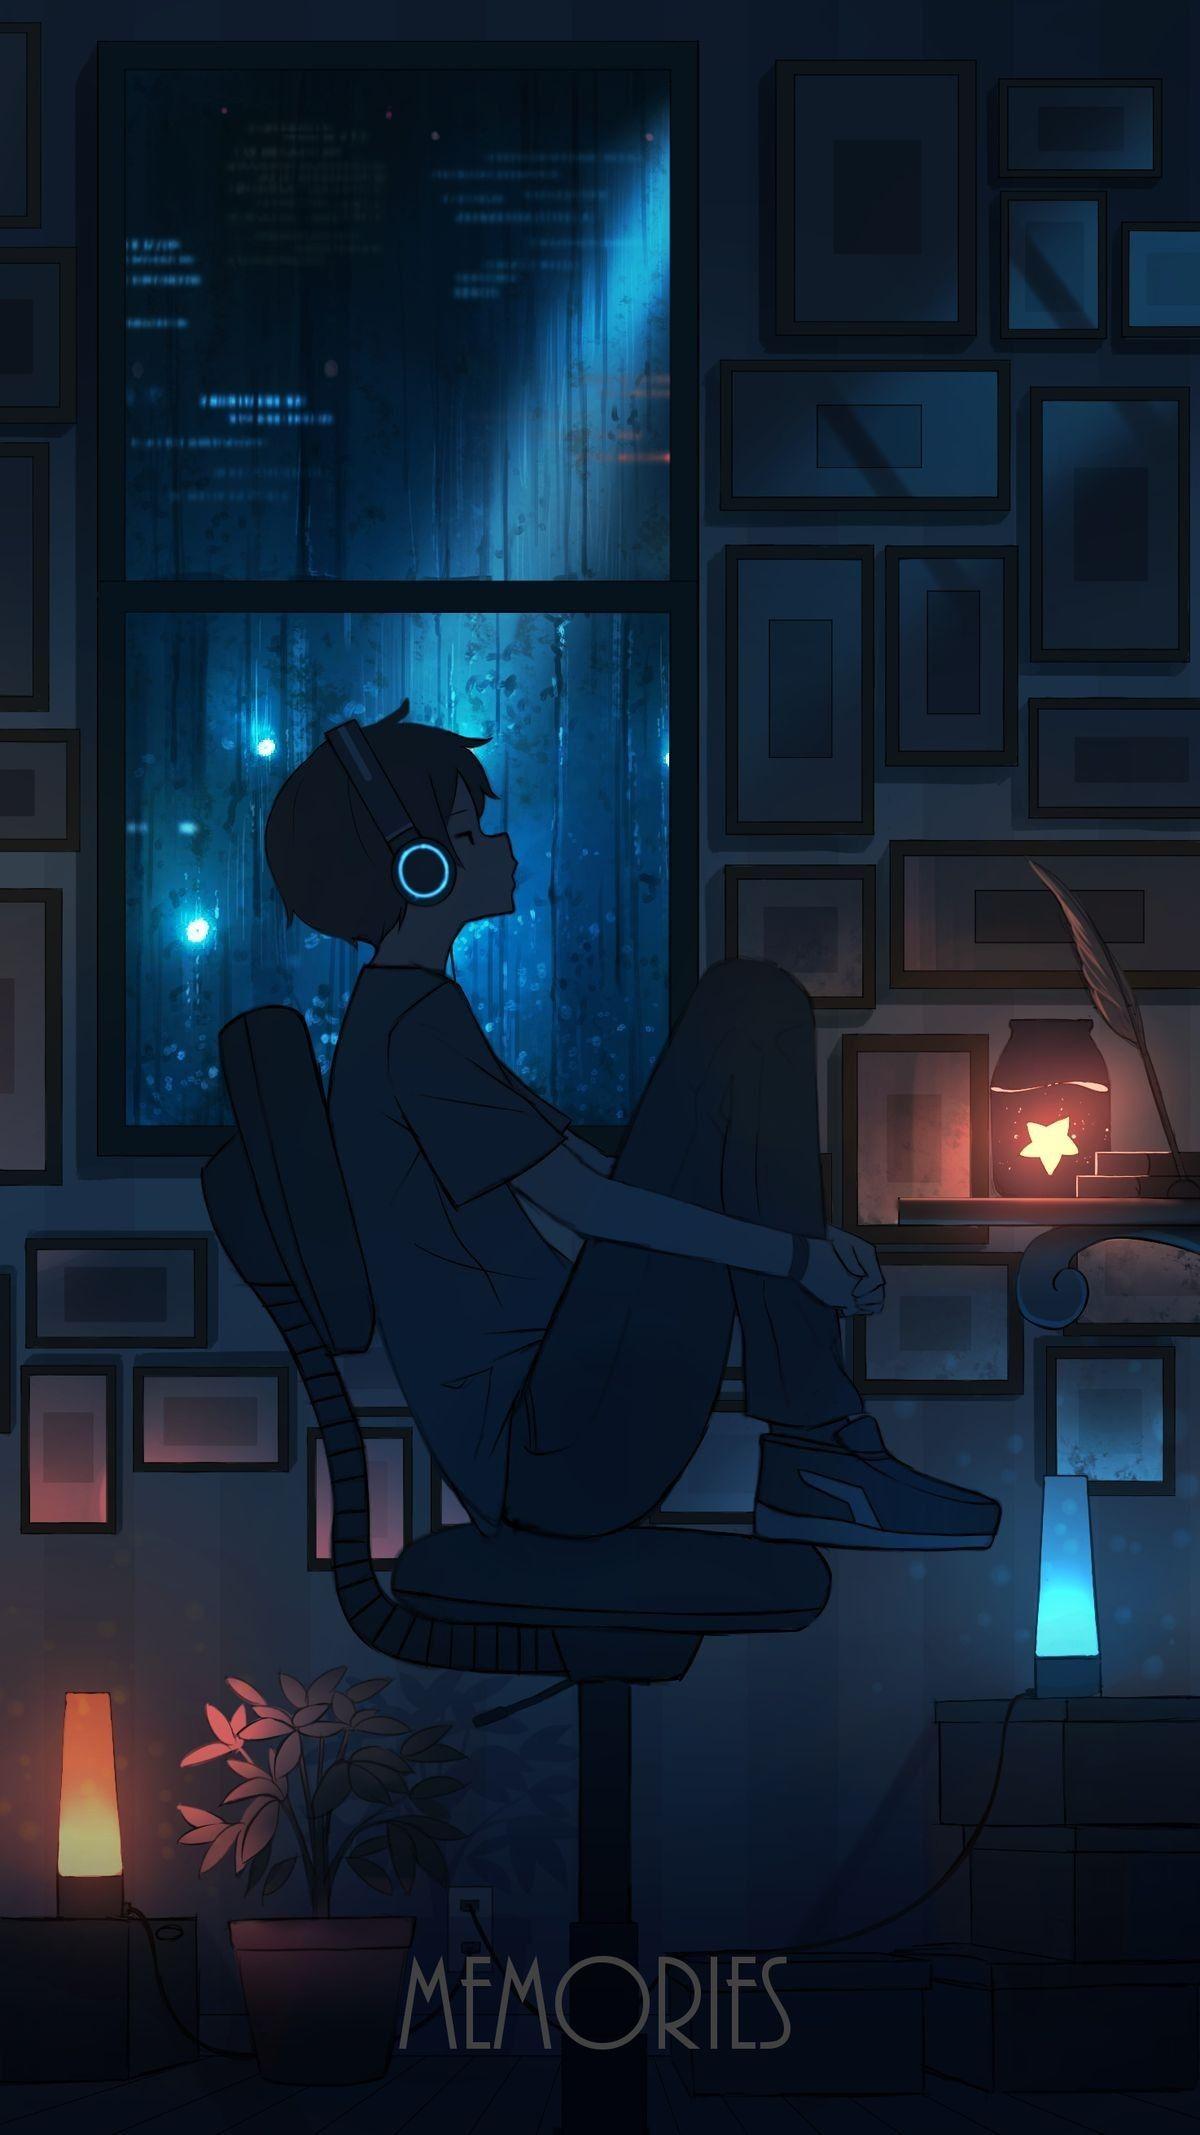 Hình anime boy lạnh lùng, buồn đẹp